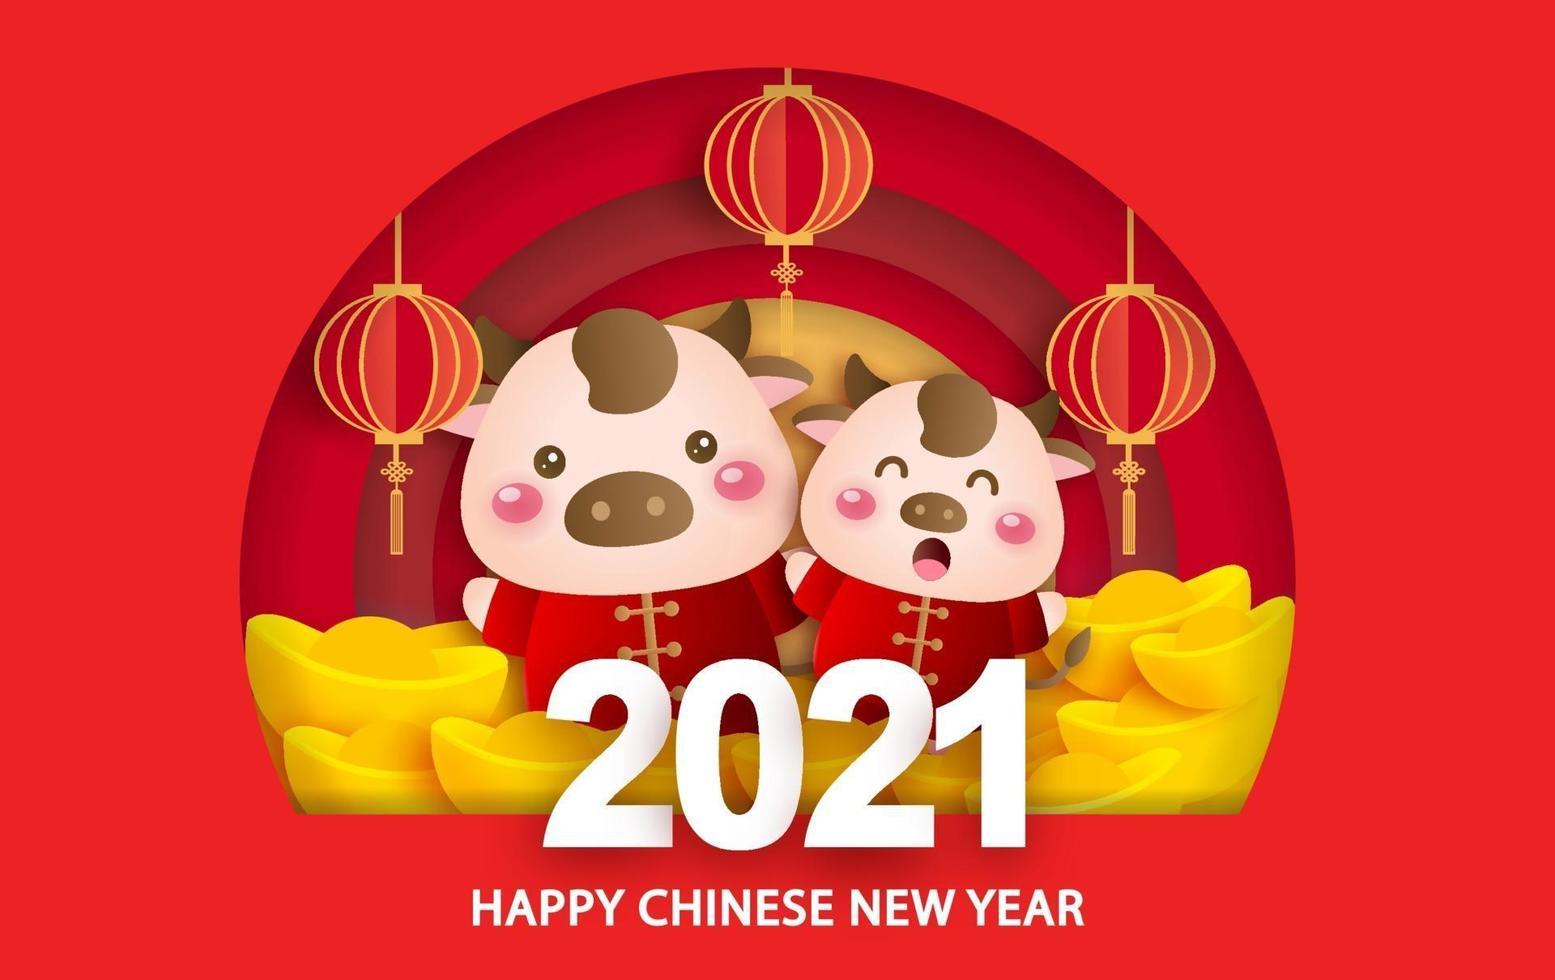 Chinees nieuwjaar 2021 jaar van de os wenskaart met een schattige os vector